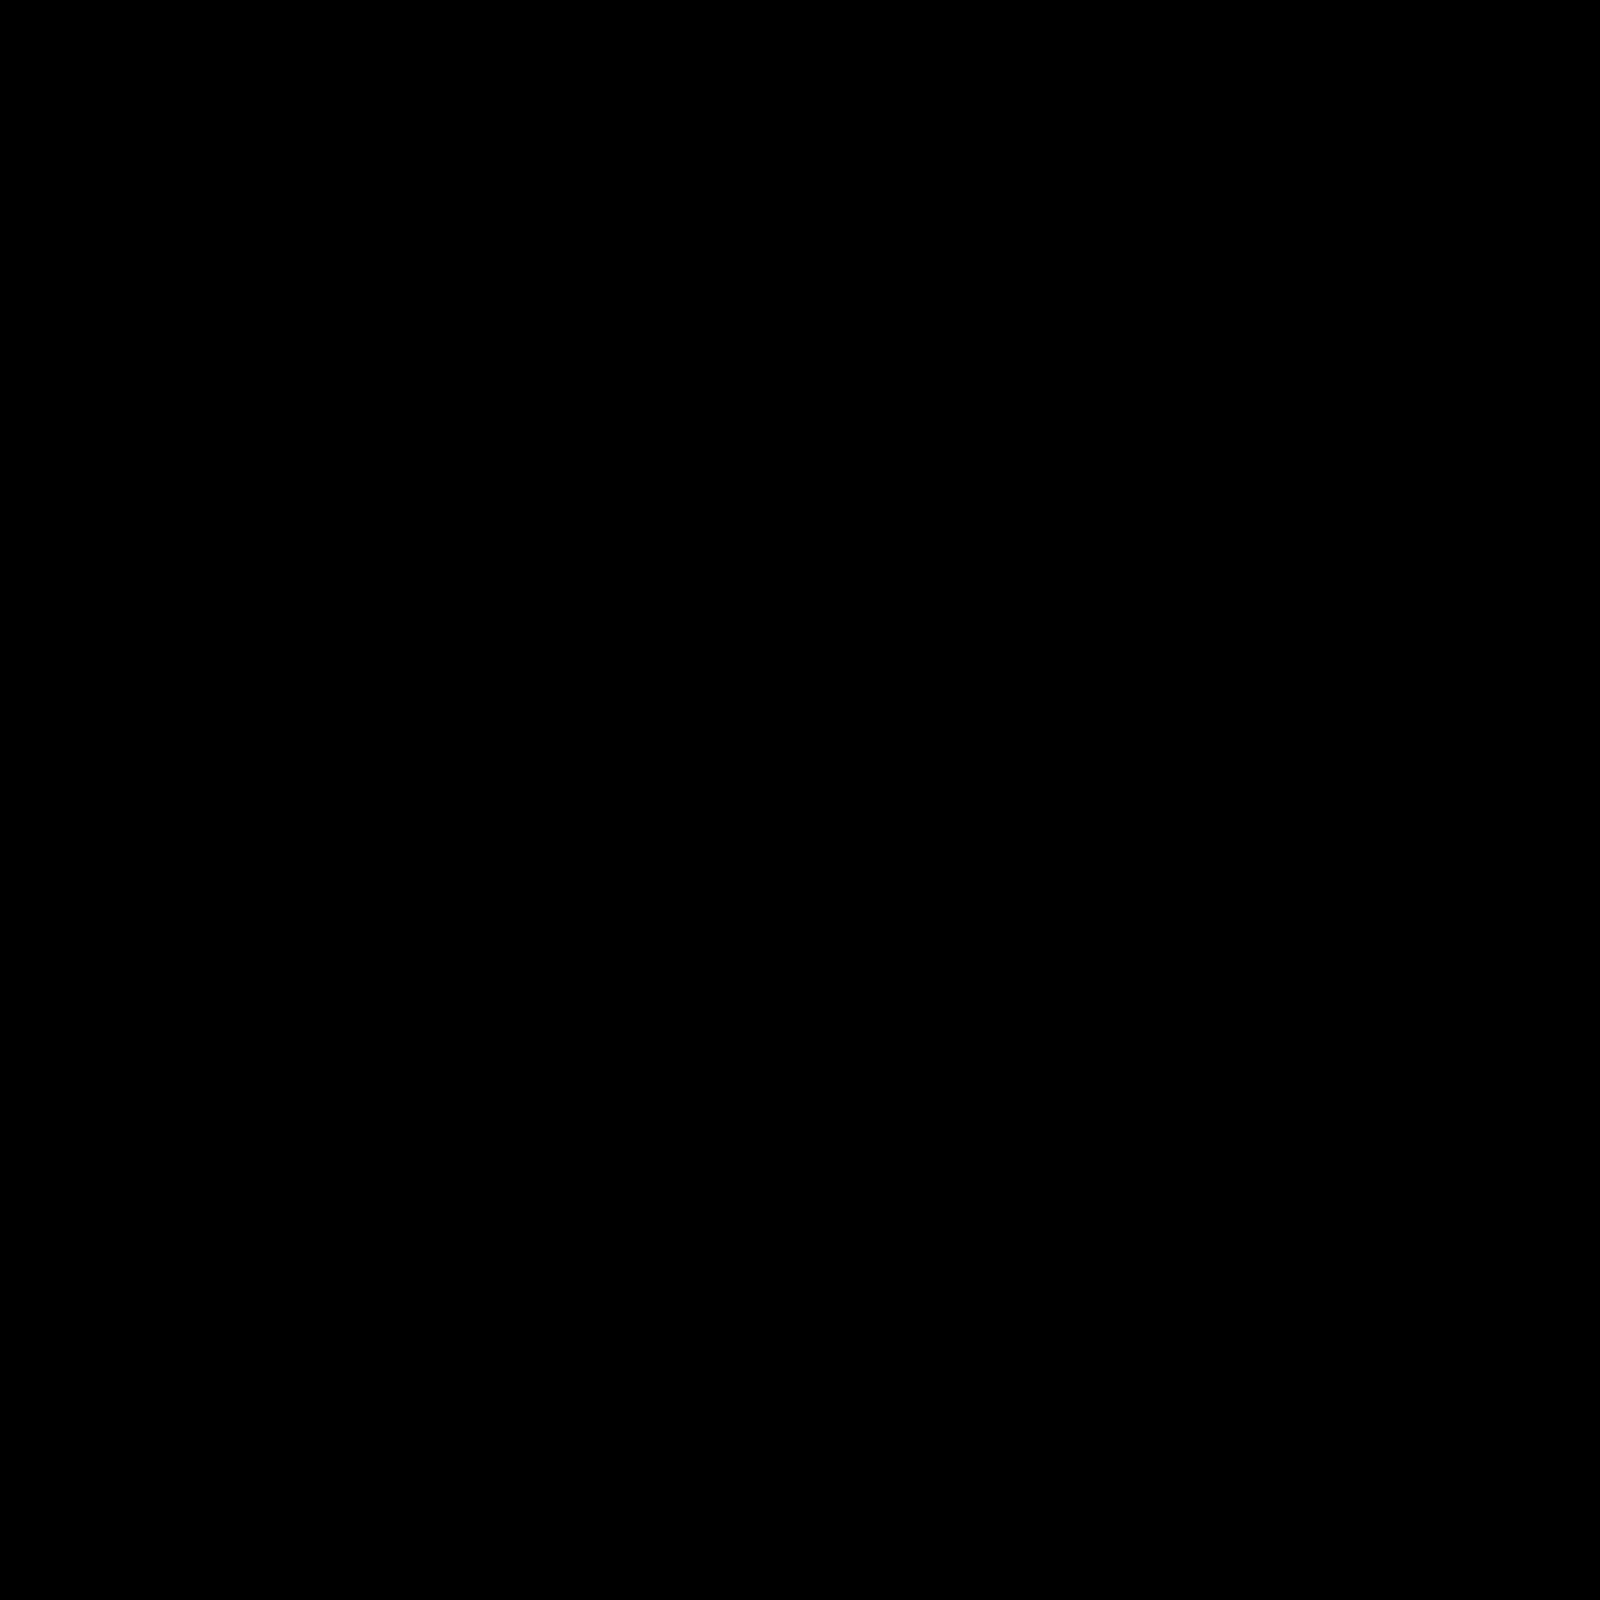 Odnoklassniki eingekreist icon